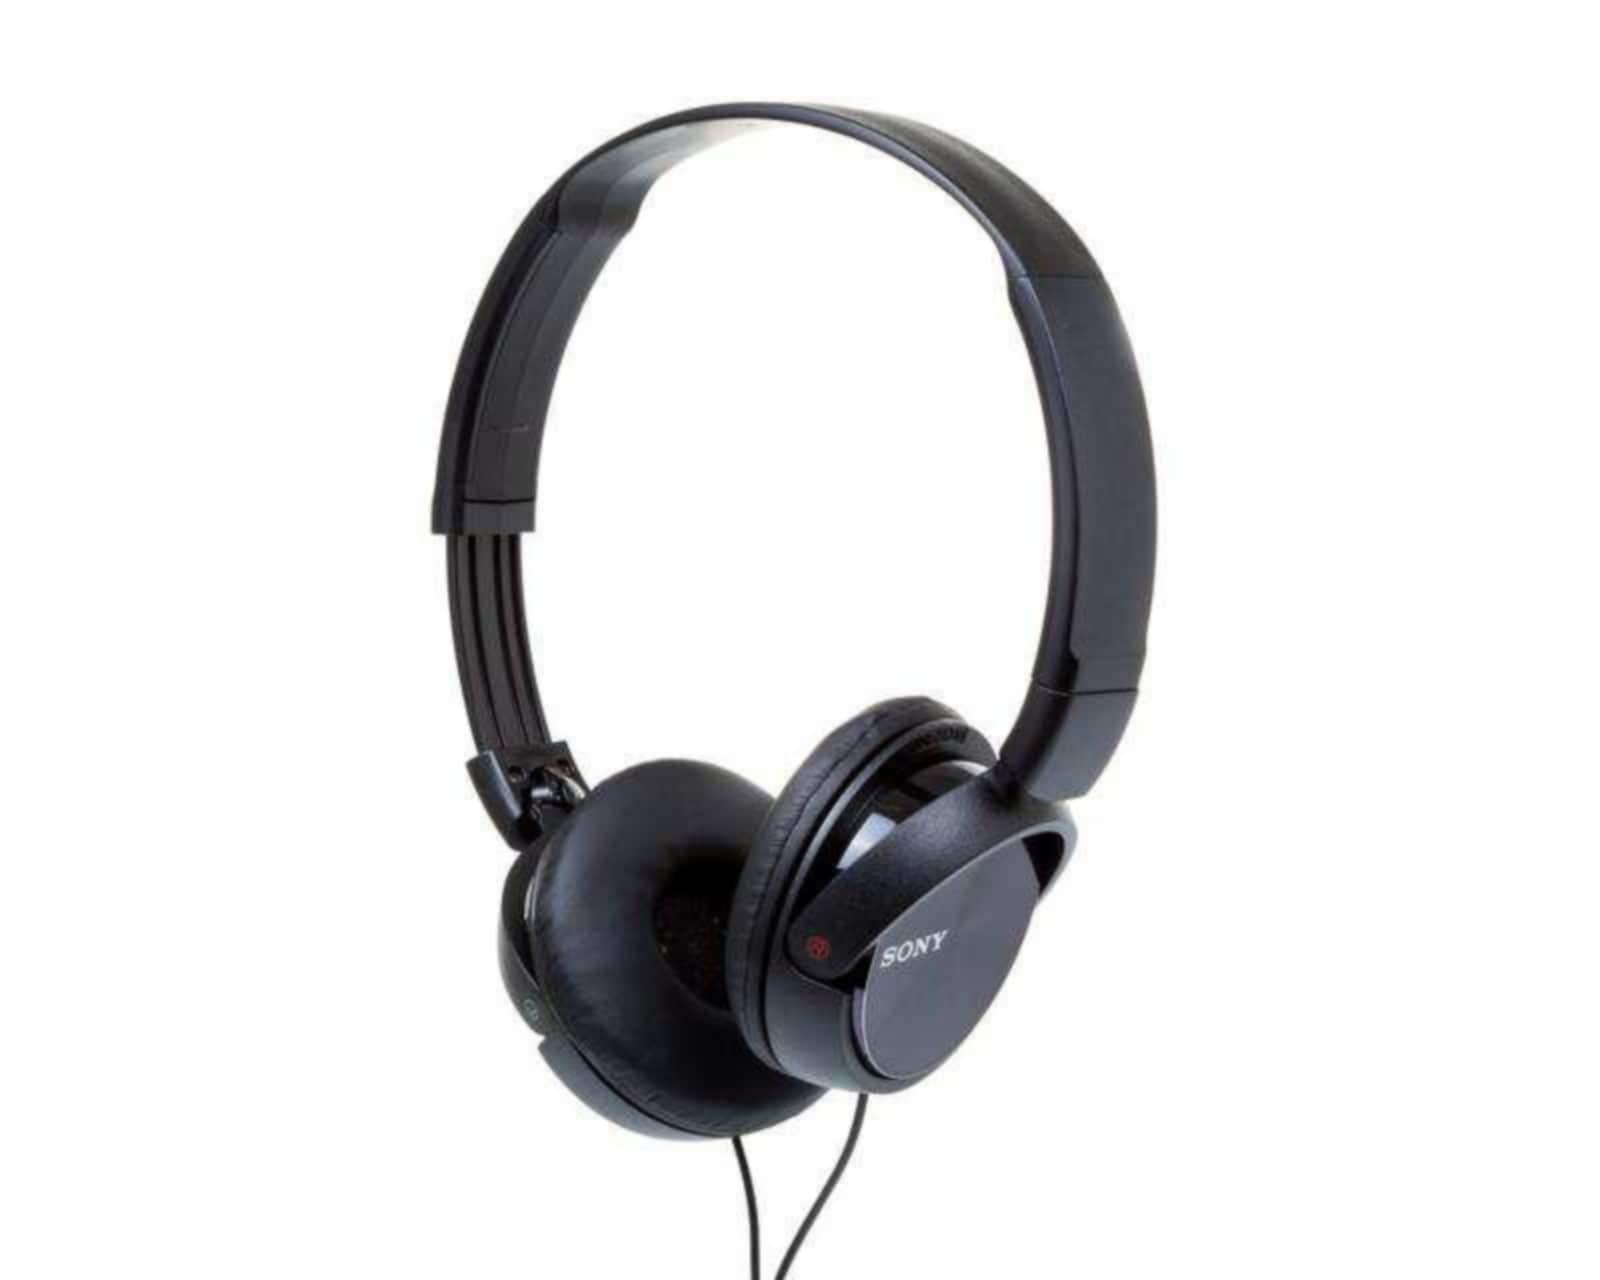 Audífonos Sony MDRZX310APBCUC Negros